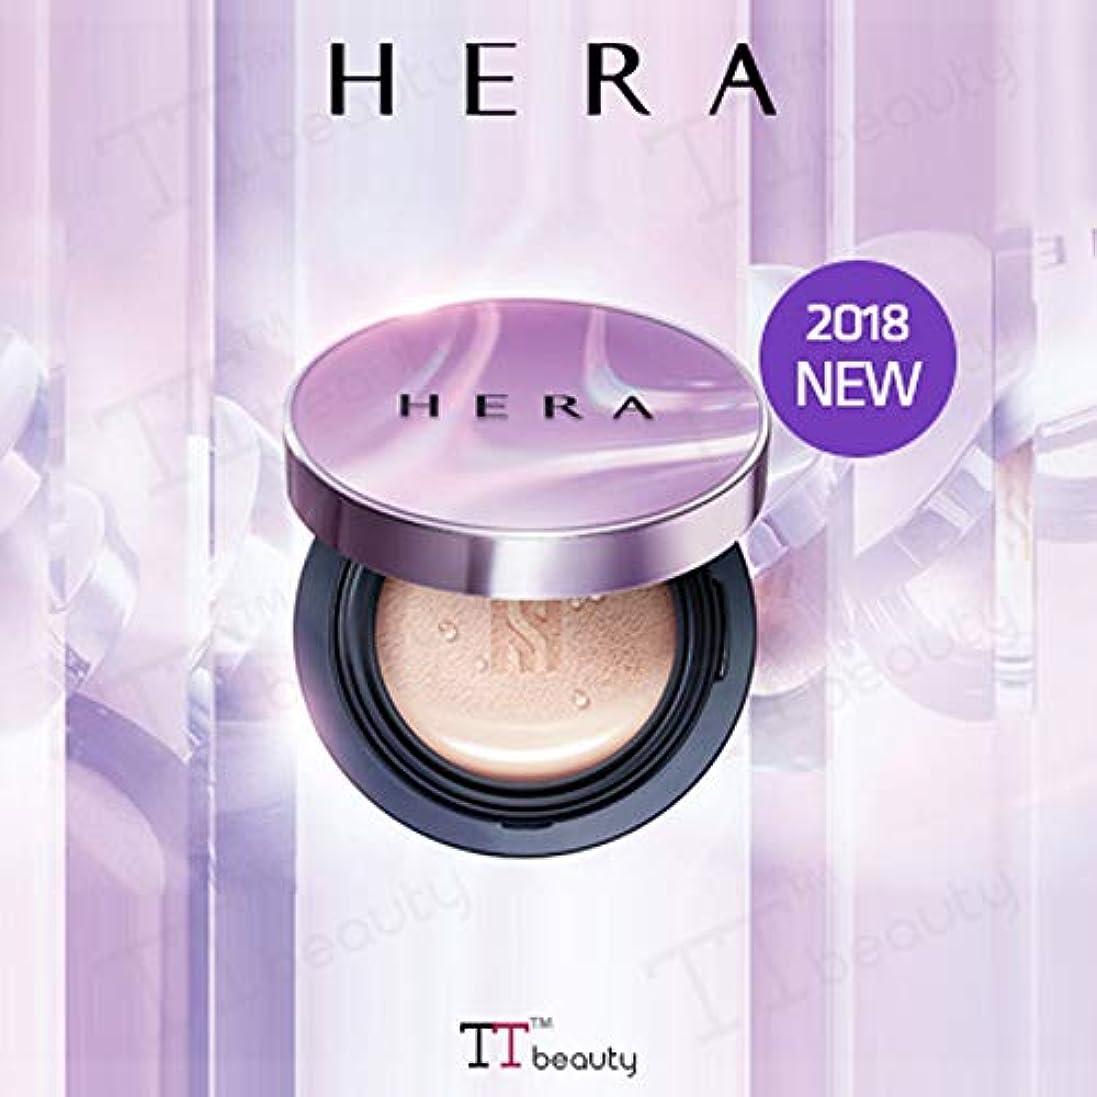 放置飼いならす主流[HERA/ヘラ]UVミストクッションカバー(15gx2)/UV MIST CUSHION COVER SPF50+/PA+++[2018新発売][TTBEAUTY][韓国コスメ] (No.C13-Ivory cover)